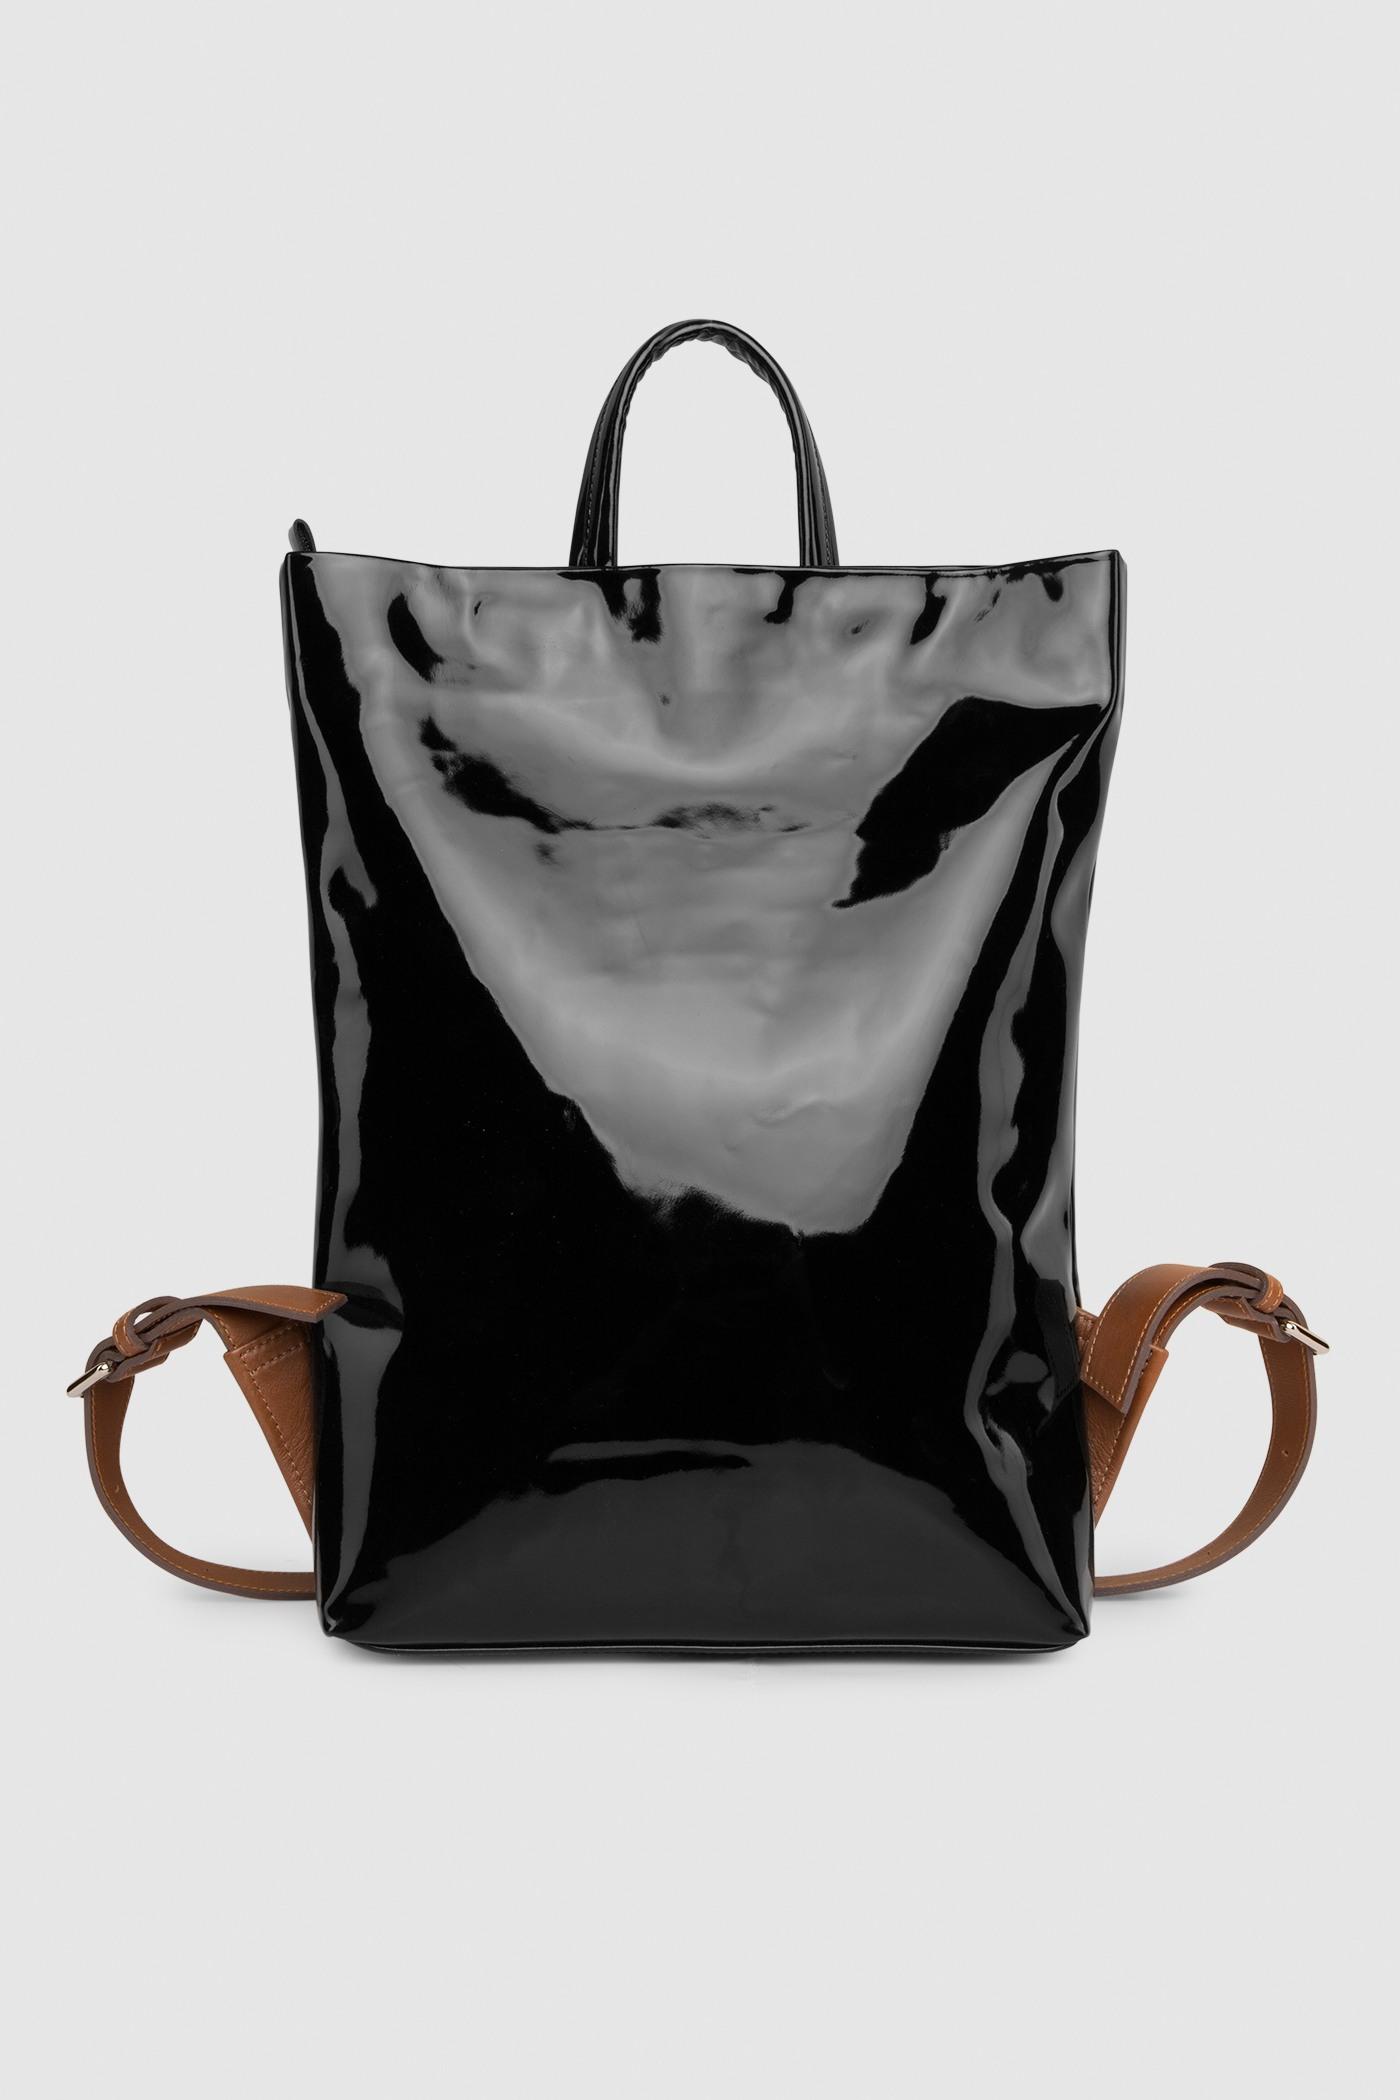 Рюкзак в трех размерах S, M, LПрямоугольныый городской рюкзак из плотной лакированной кожи. Закрывается на черную молнию сверху. Внутреннее отделение с тканевой подкладкой. Карман на молнии с тыльной стороны и небольшой карман на молнии внутри. Петля для подвешивания и регулируемые лямки из ремневой кожи - ширина 2,5 см. Прилагается чехол для хранения.&#13;<br>&#13;<br>&#13;<br>унисекс&#13;<br>&#13;<br>плоский рюкзак&#13;<br>&#13;<br>формирует объем за счет наполнения&#13;<br>&#13;<br>&#13;<br>Размеры рюкзака:&#13;<br>в размере S: высота 32х39 см&#13;<br>в размере M: высота 32х48 см&#13;<br>в размере L: высота 43х58 см&#13;<br>&#13;<br>Вес изделия:&#13;<br>650 грамм (рюкзак S)&#13;<br>800 грамм (рюкзак М)&#13;<br>970 грамм (рюкзак L)<br><br>Цвет: Чёрный глянец<br>Размер: S, M, L